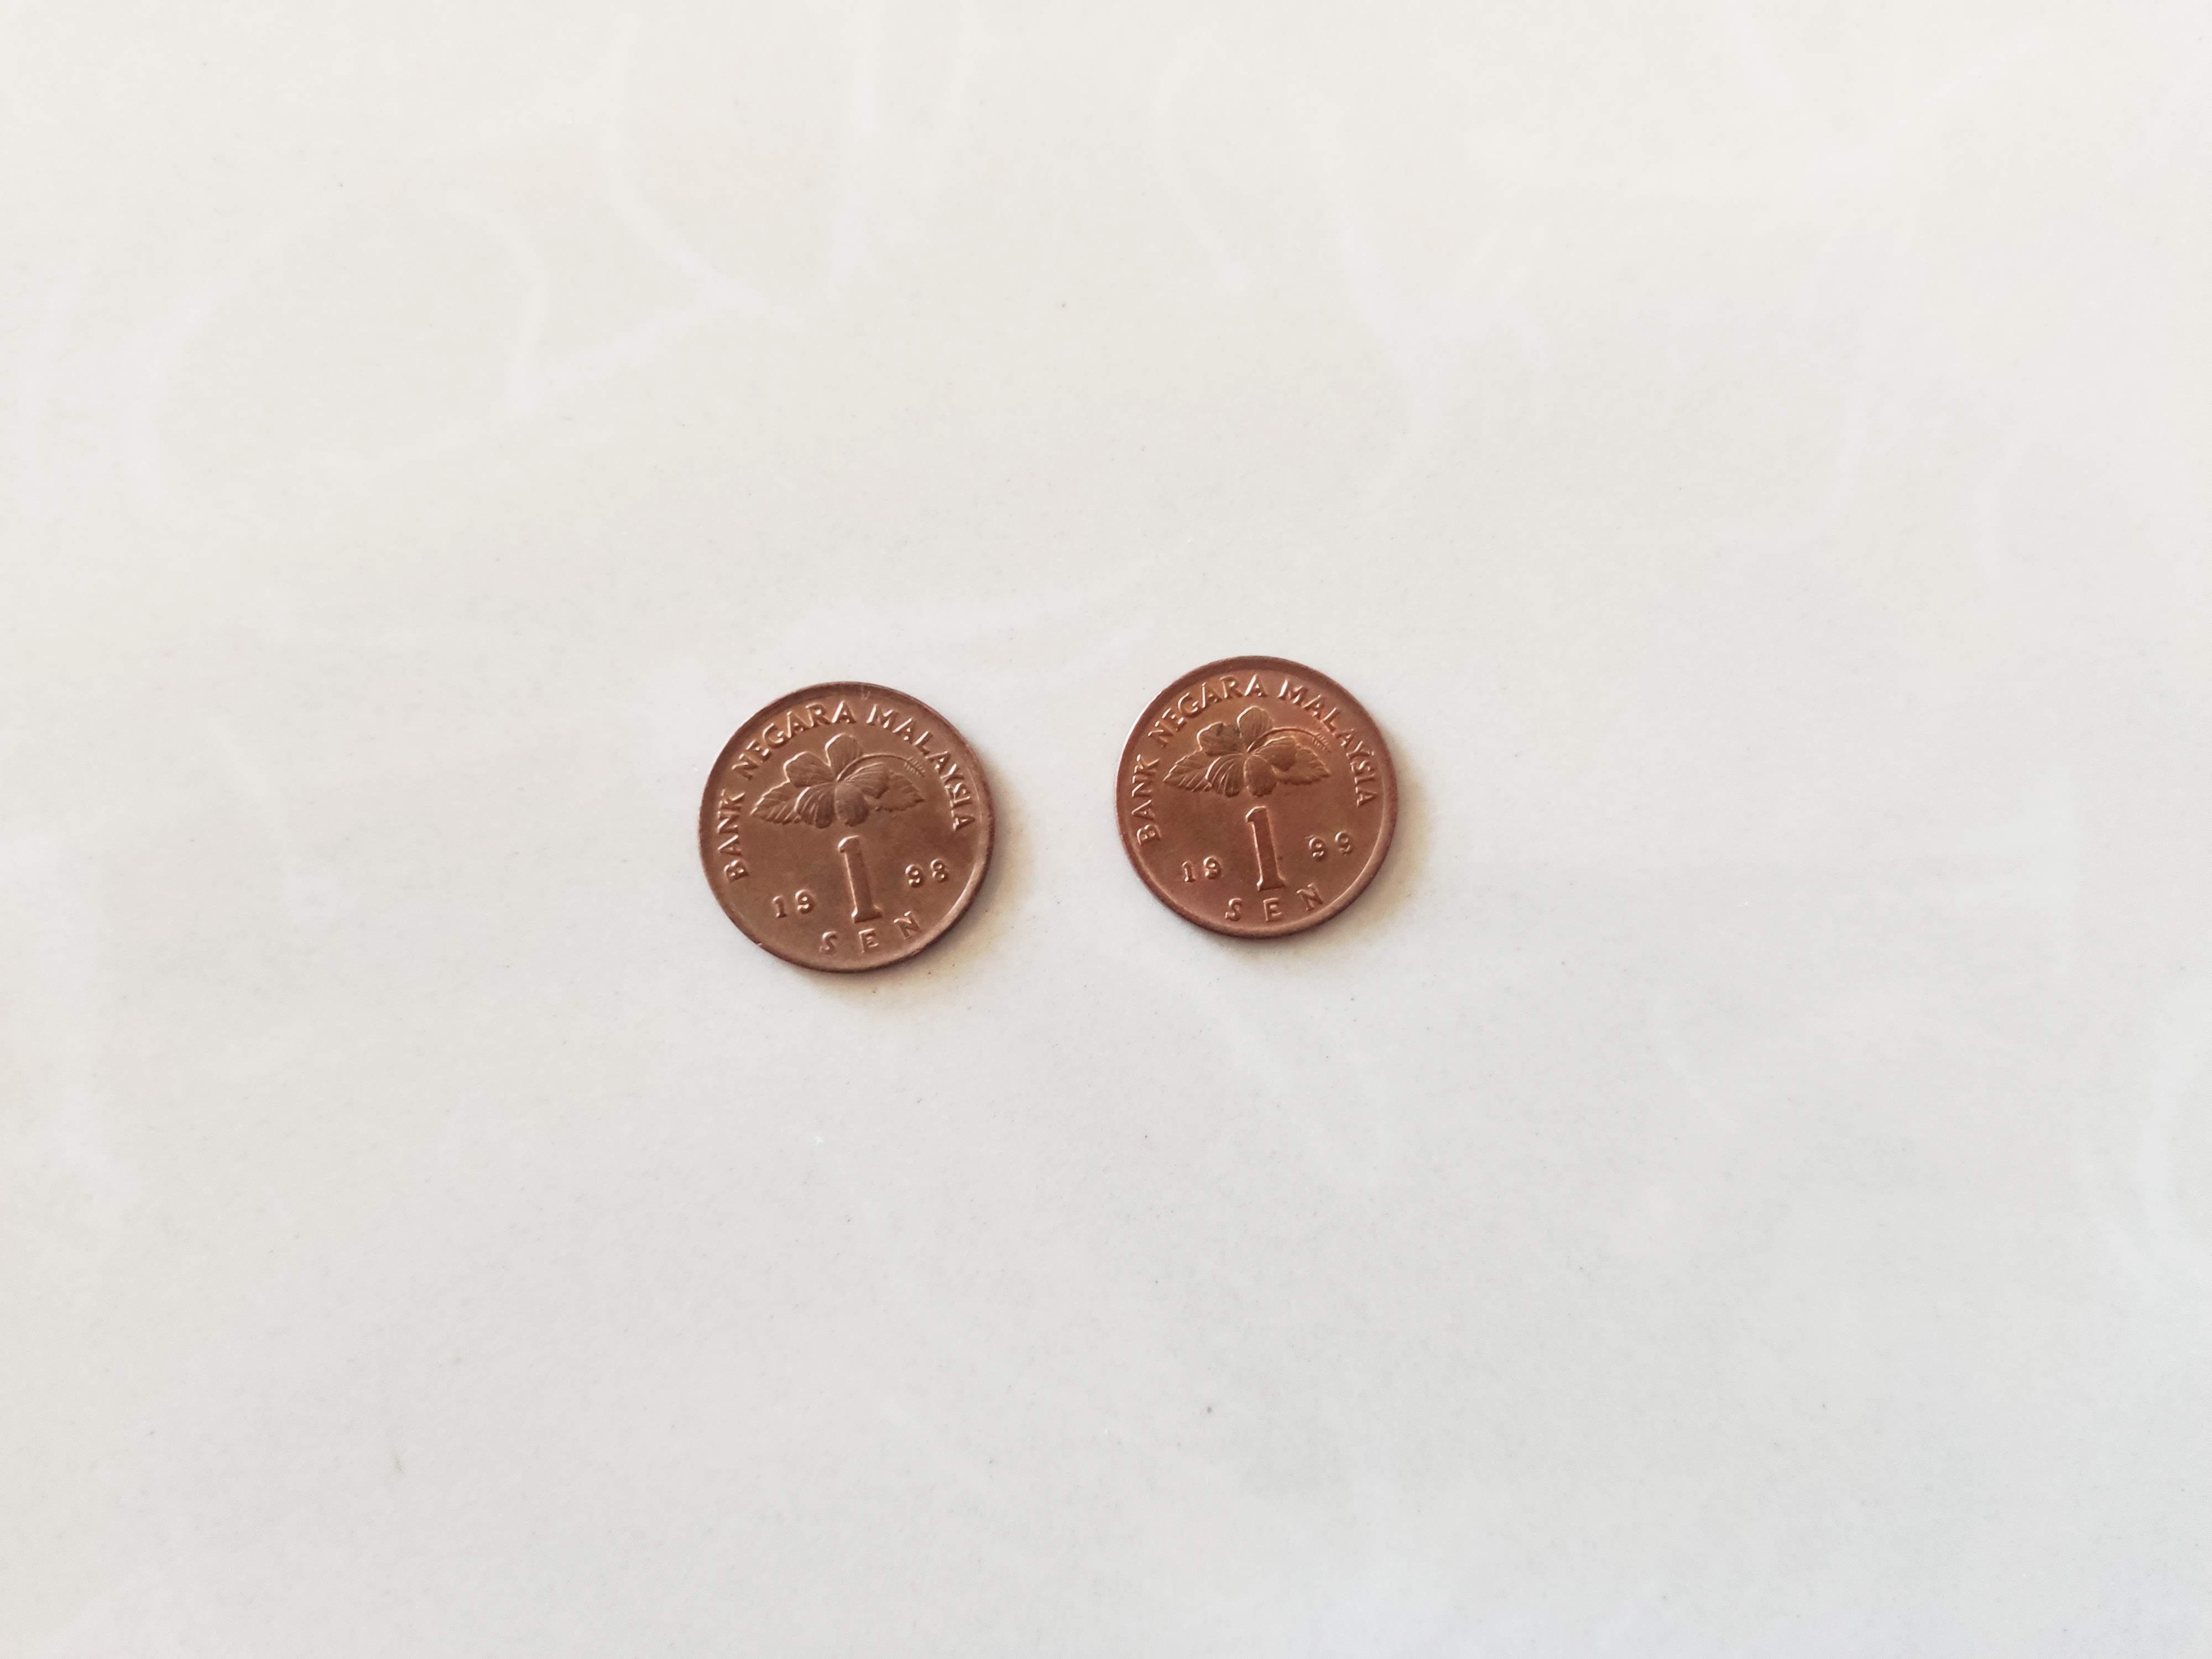 マレーシア通貨④1セン硬貨について